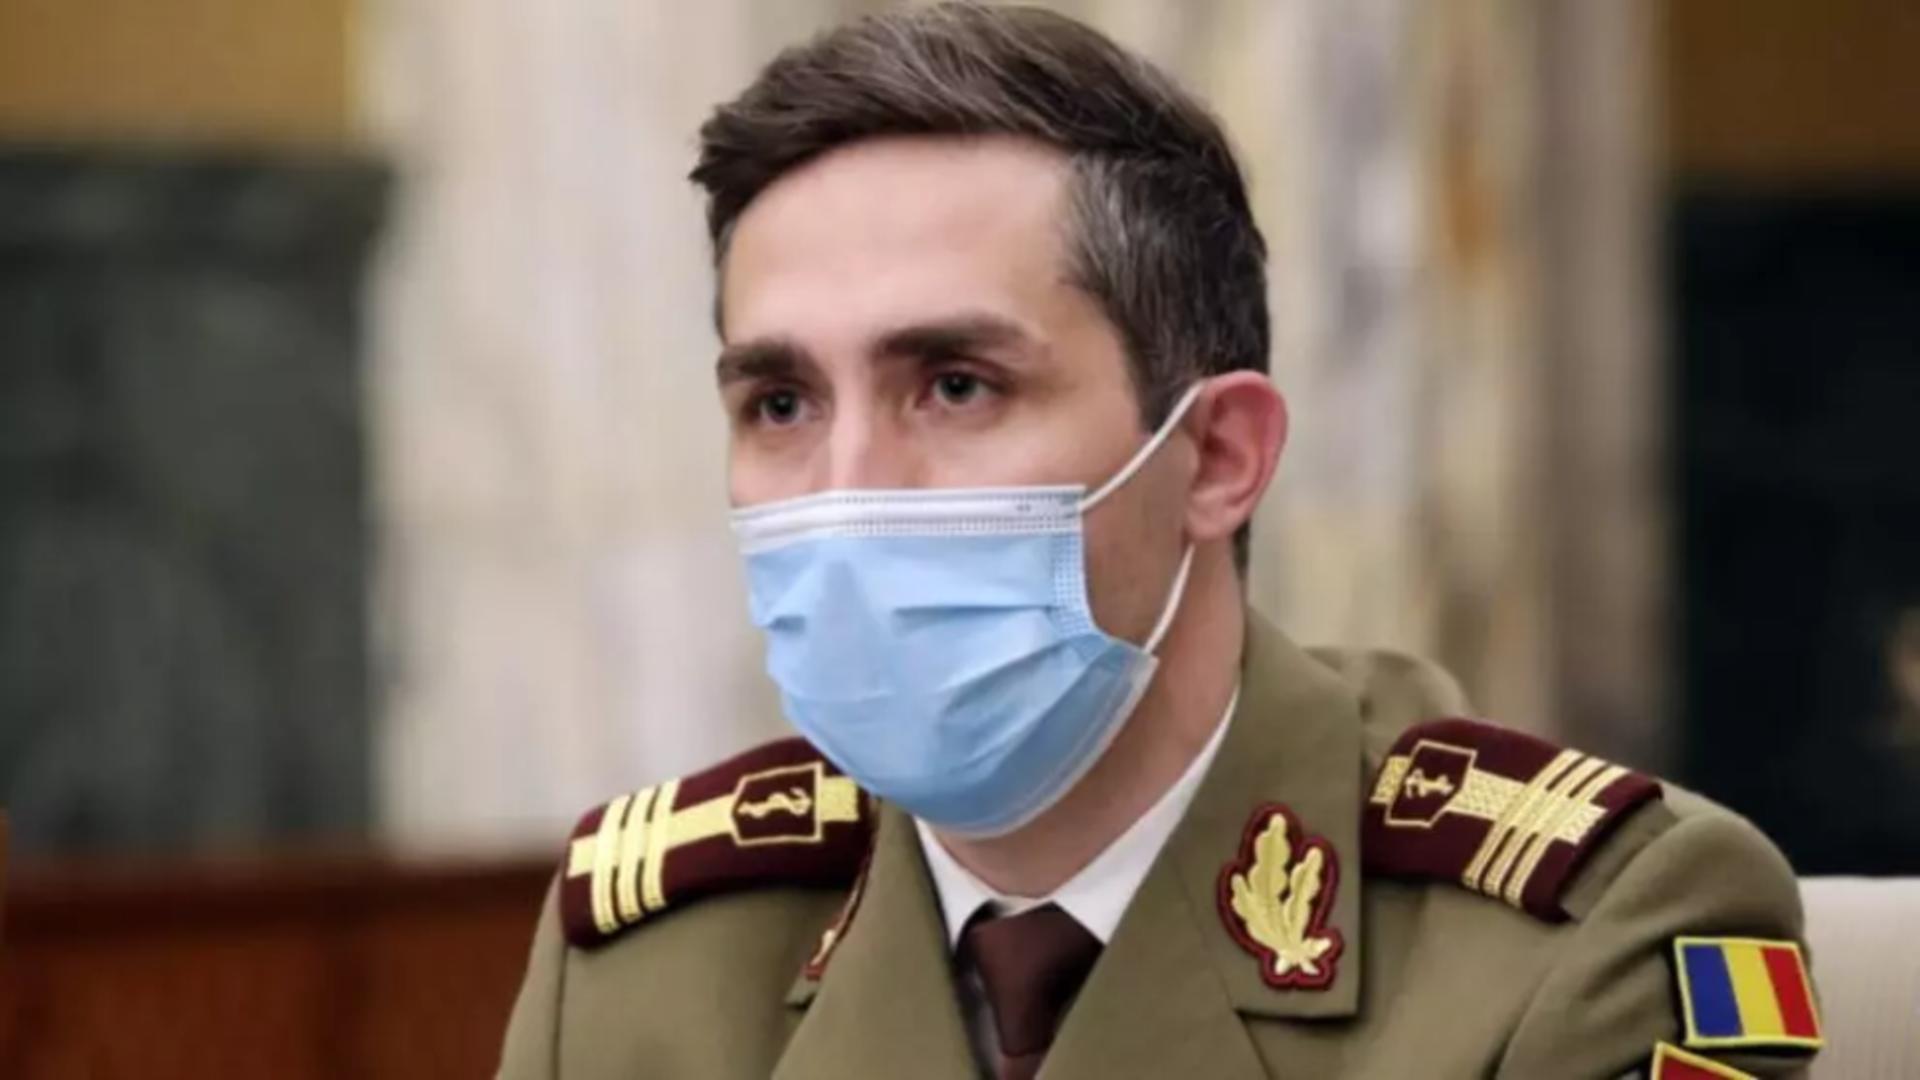 Doza 4 anti-Covid devenie o realitate, în România! Ce categorii de persoane vor face 4 doze de vaccin și la ce interval